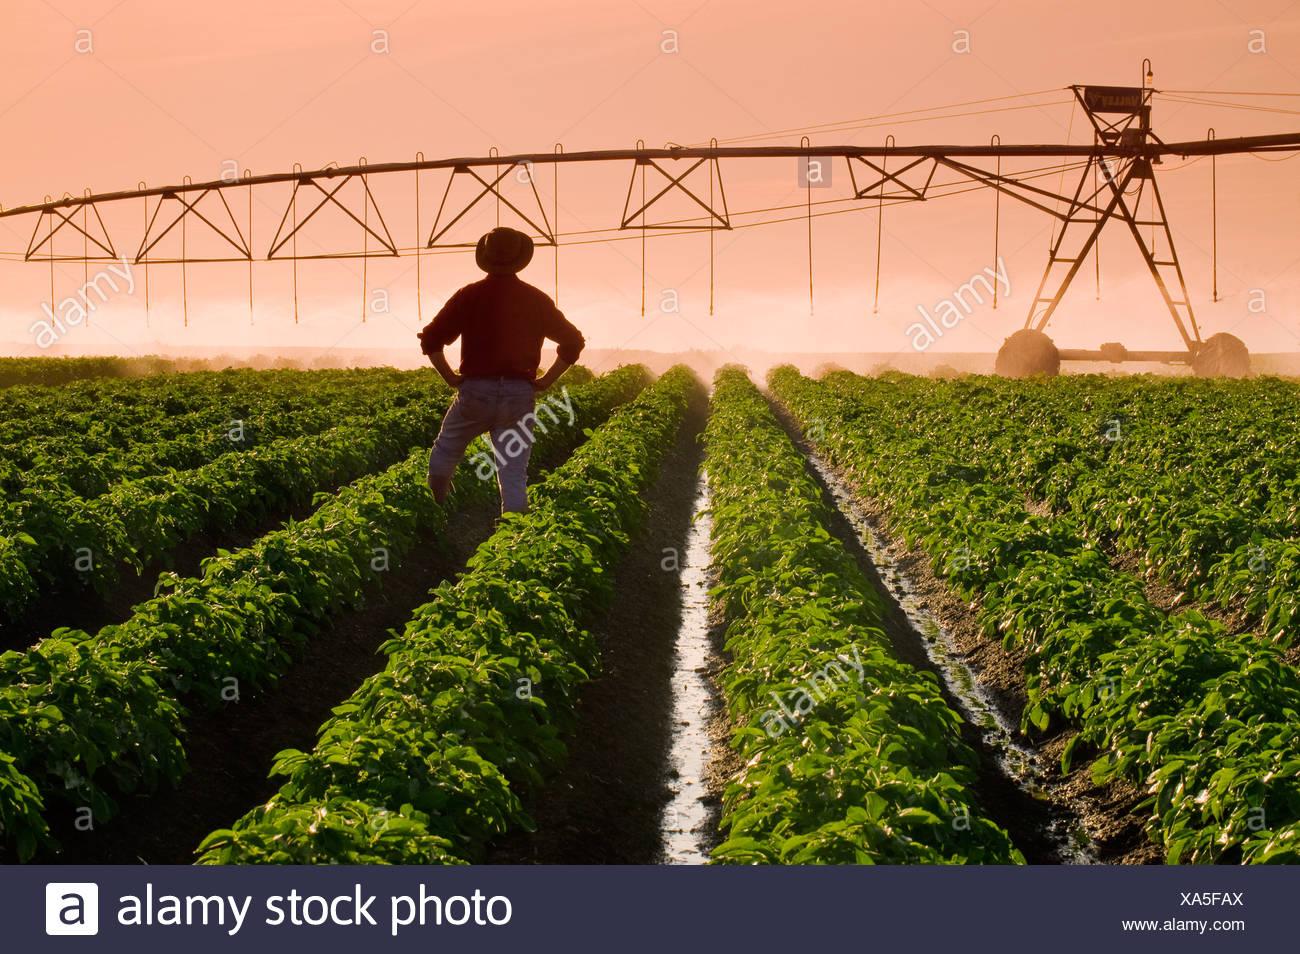 Un agricoltore sta nella sua metà della crescita campo di patate osservando un perno centrale di un sistema di irrigazione in operazione nel tardo pomeriggio la luce. Immagini Stock